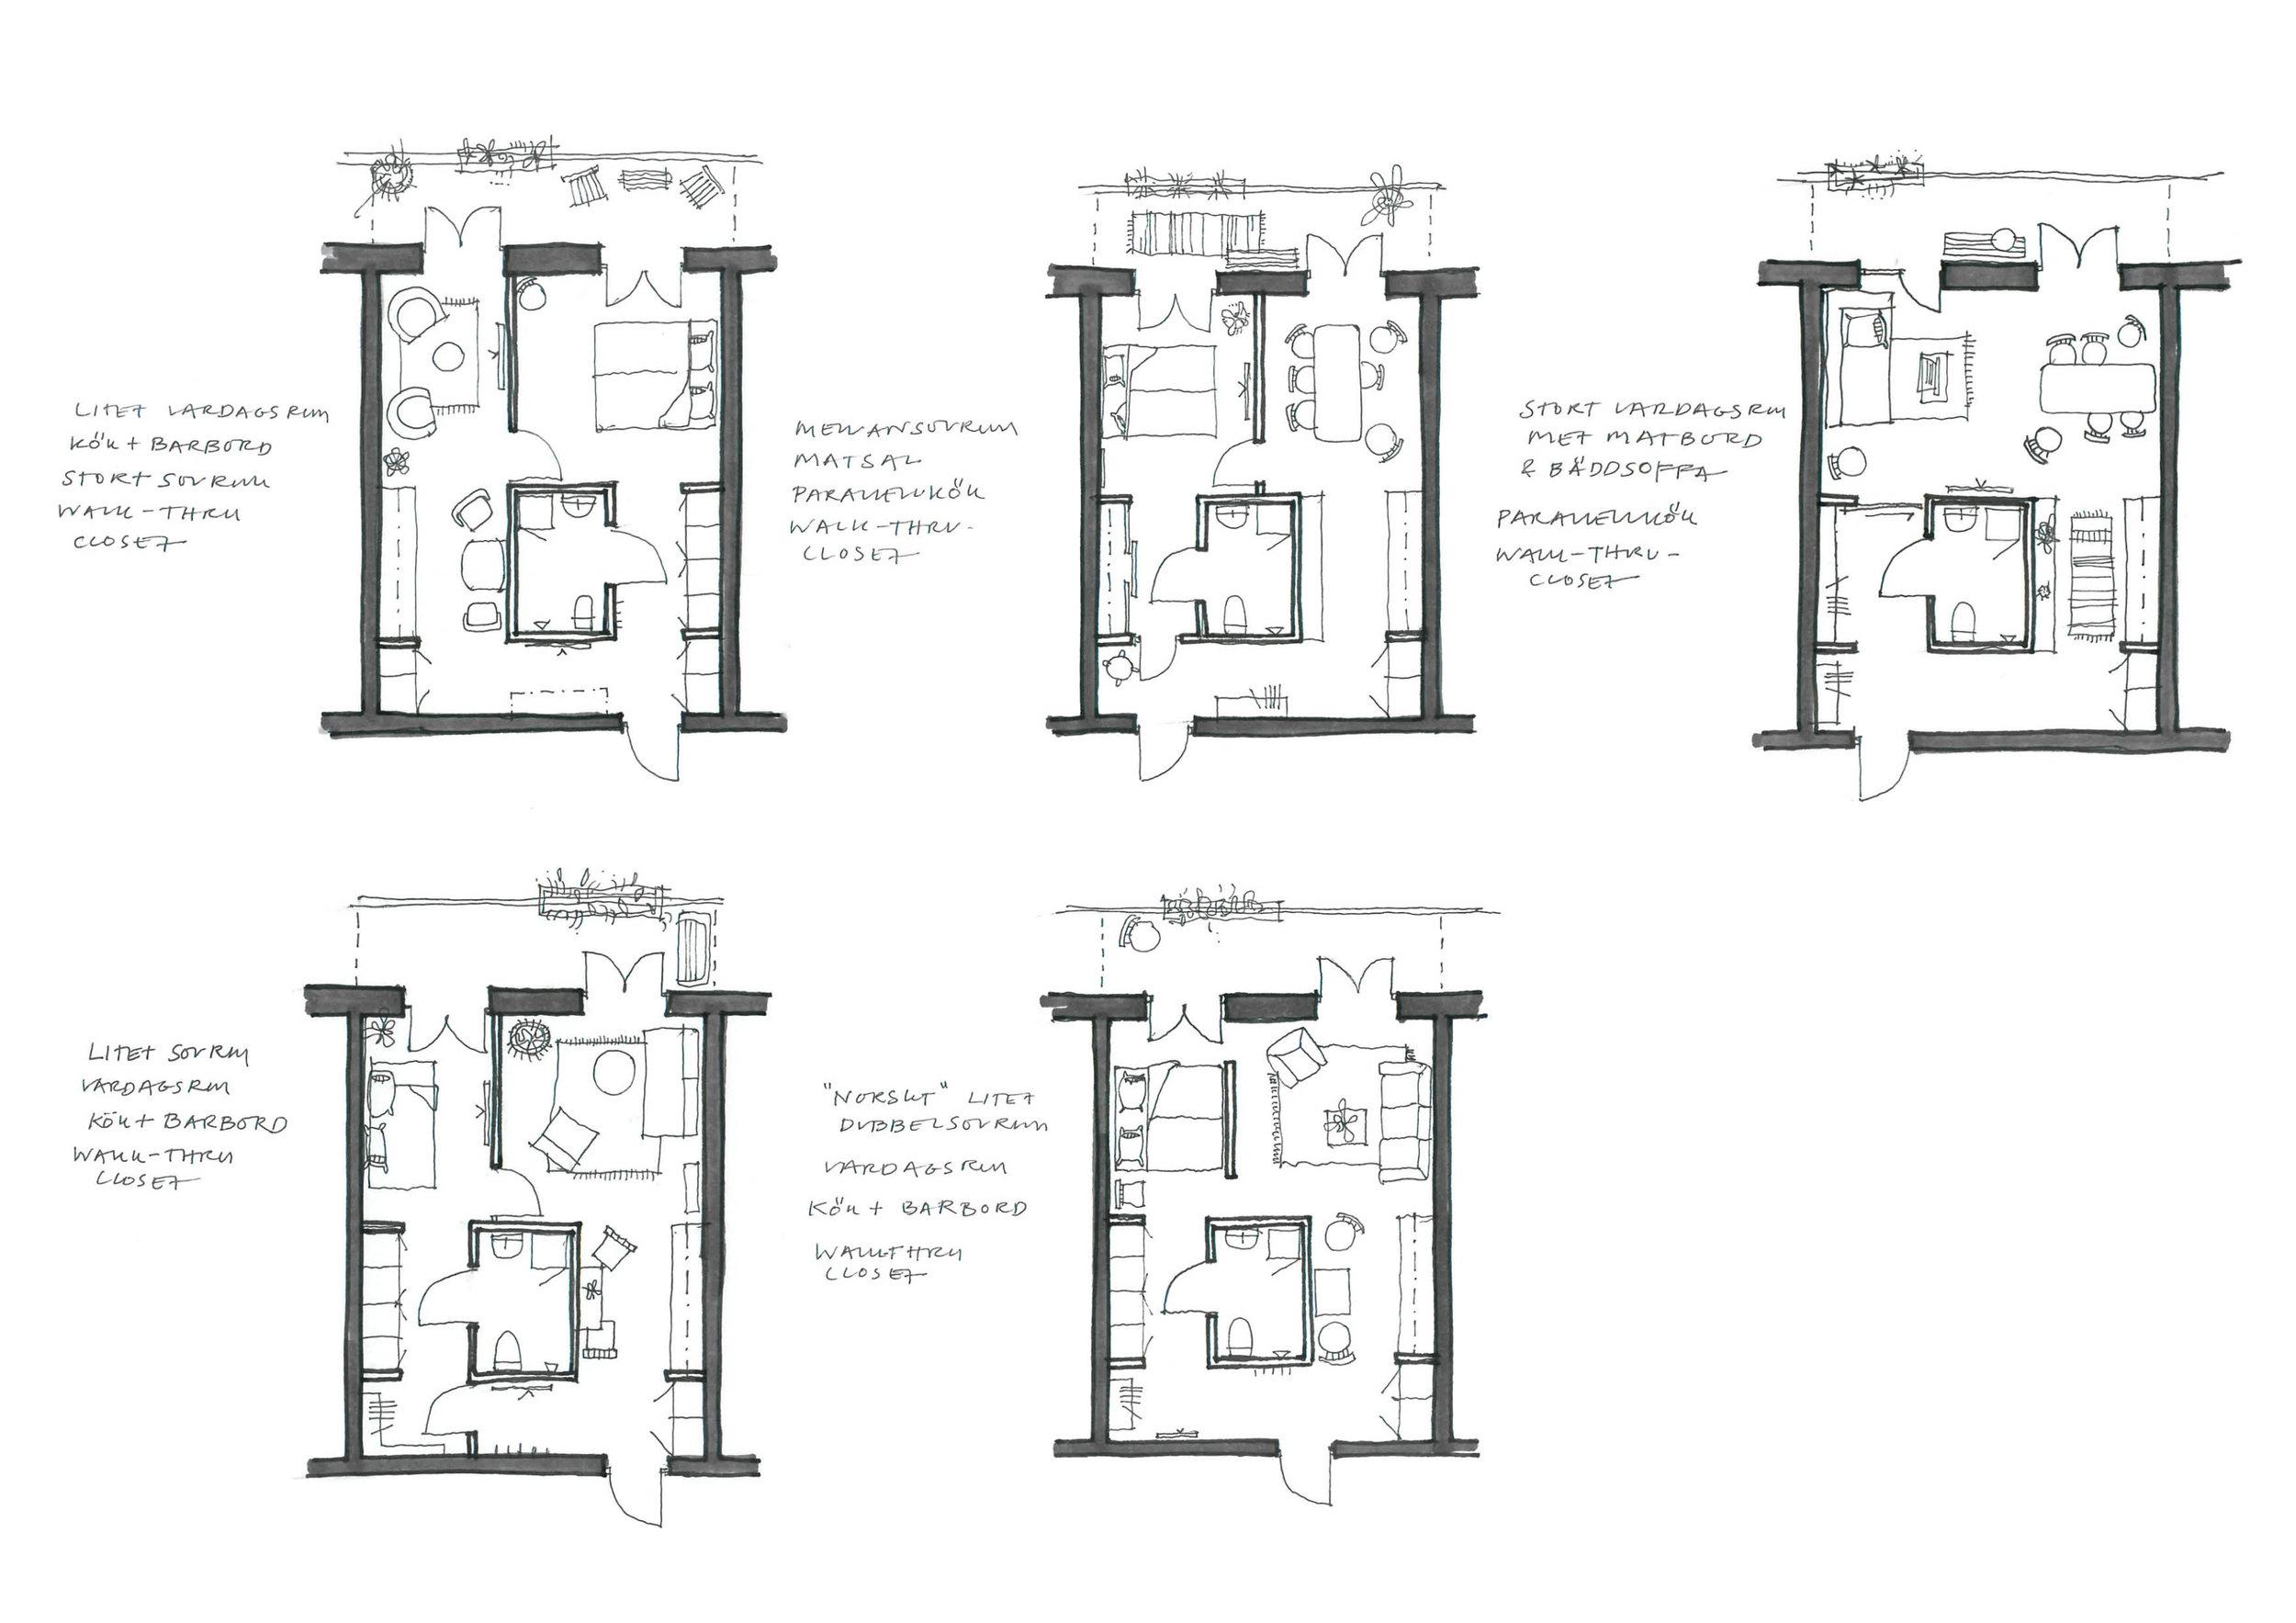 Planlösningar och alternativa möbleringar . Lägenheternas planlösning är utformade med en rundgång runt våtkärnan, vilket ger en möjlighet till variation trots sin lilla storlek. Indelning av vardagsrum/sovrum kan lösas på olika sätt inom lägenheten.